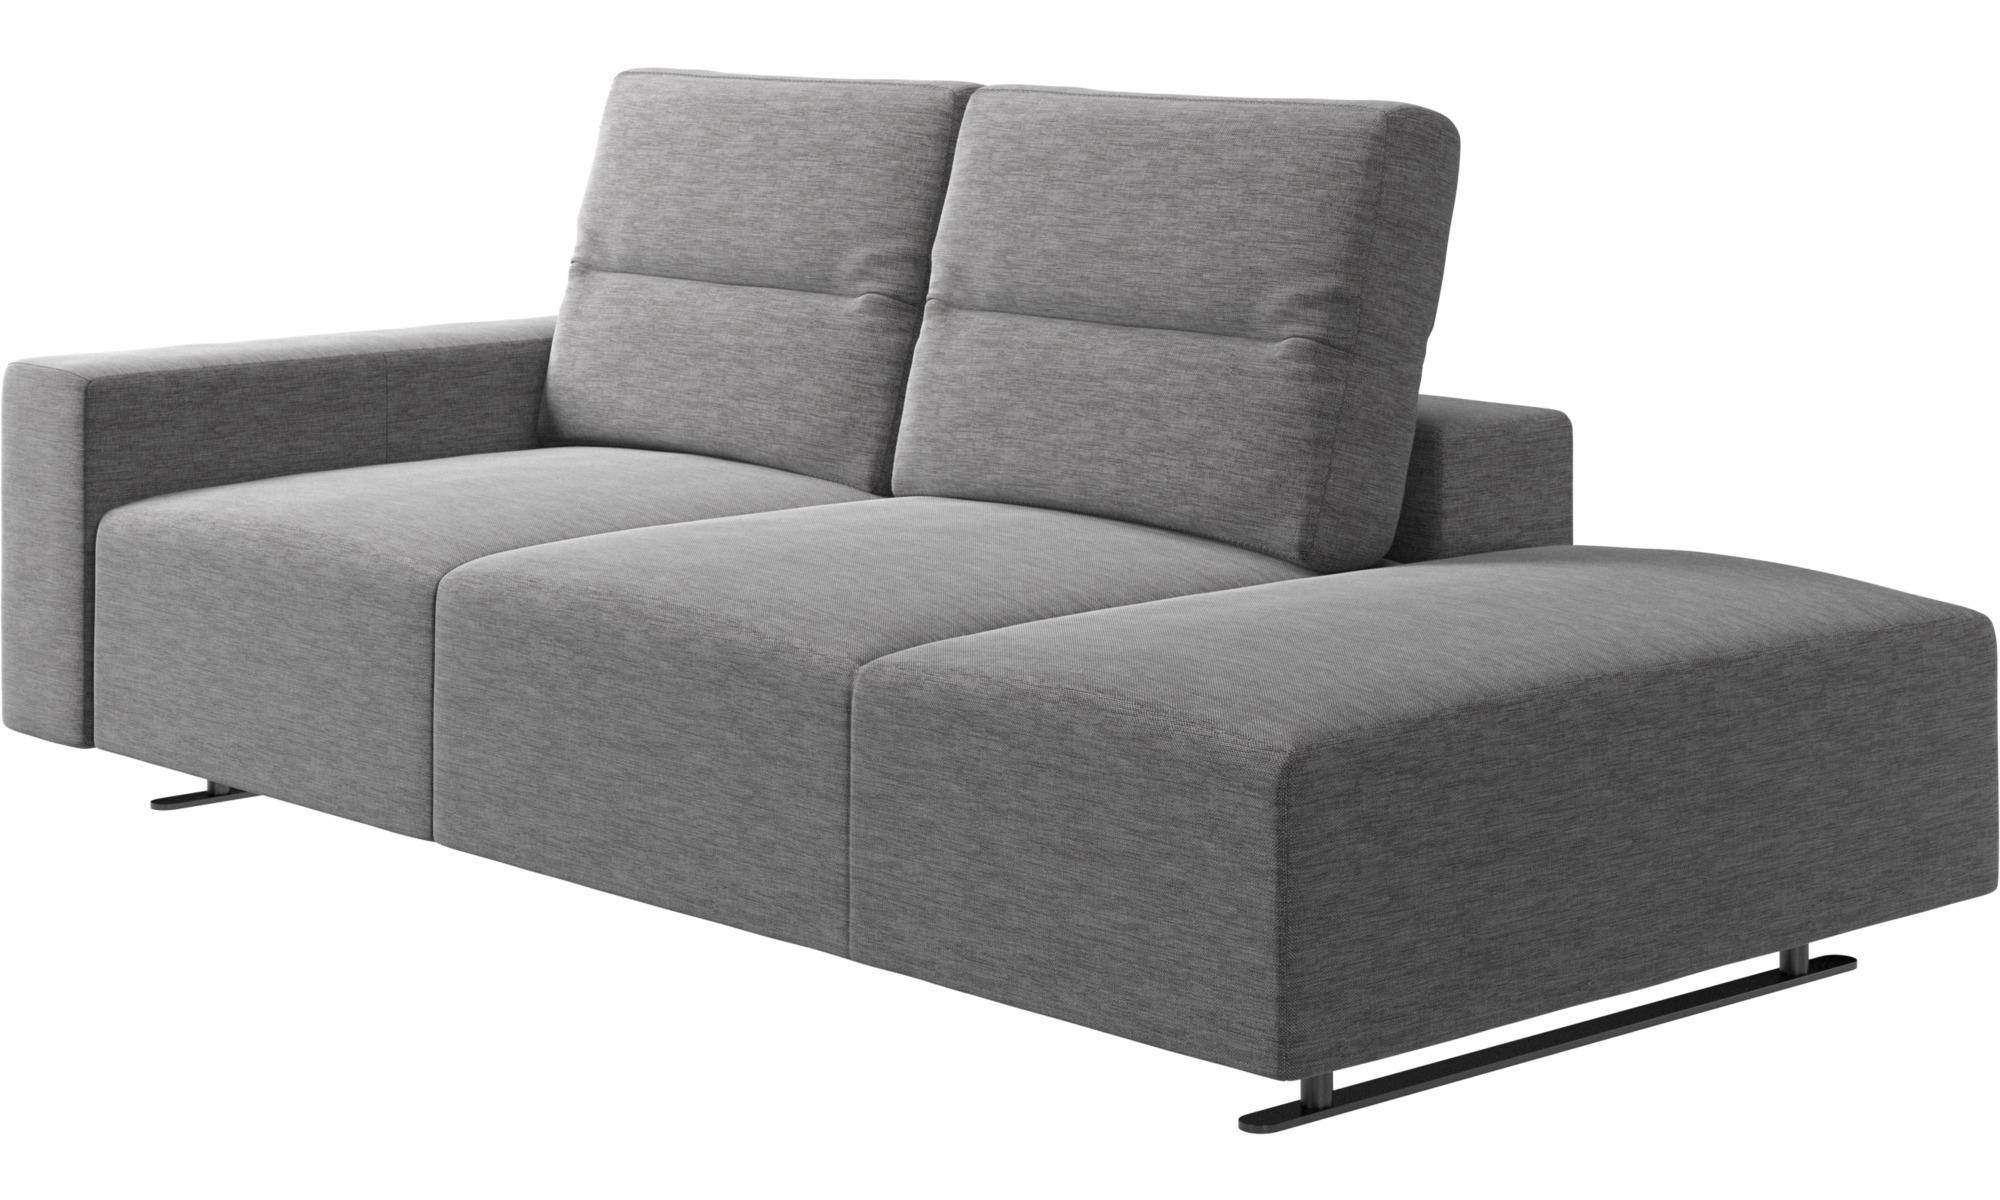 lounge sofas hampton sofa mit verstellbarem r cken und. Black Bedroom Furniture Sets. Home Design Ideas